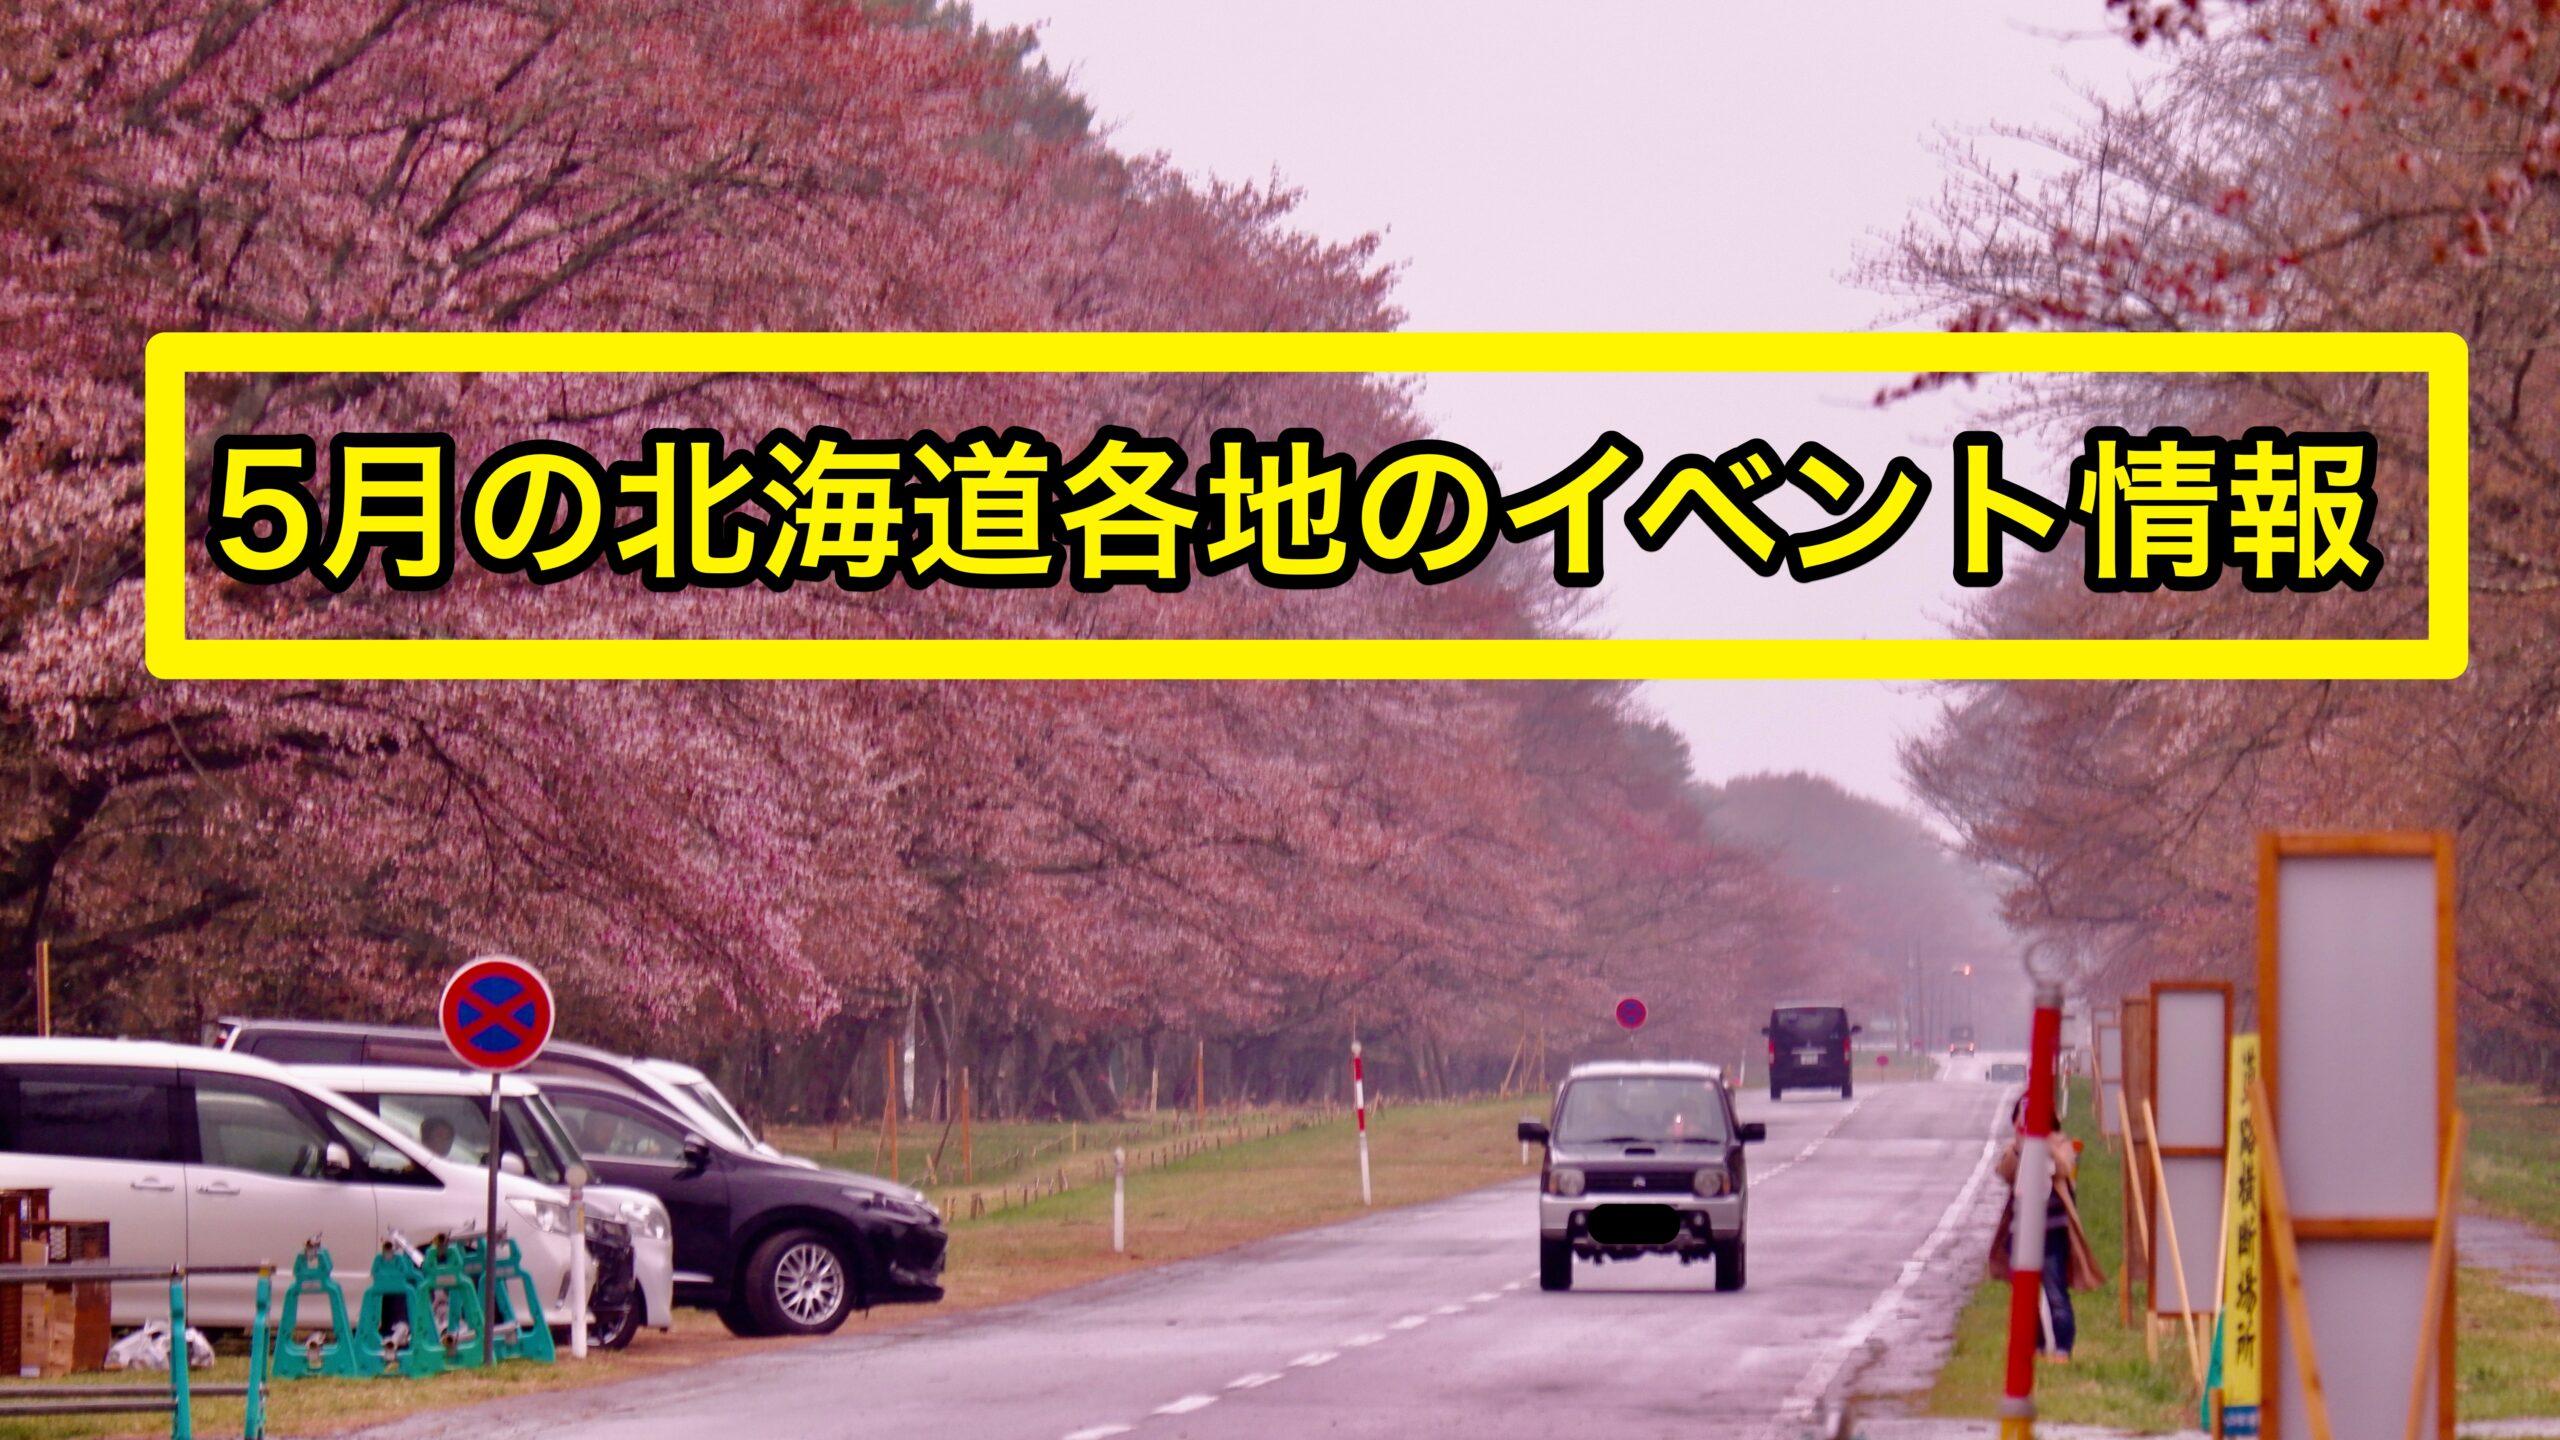 5月の北海道のイベント情報